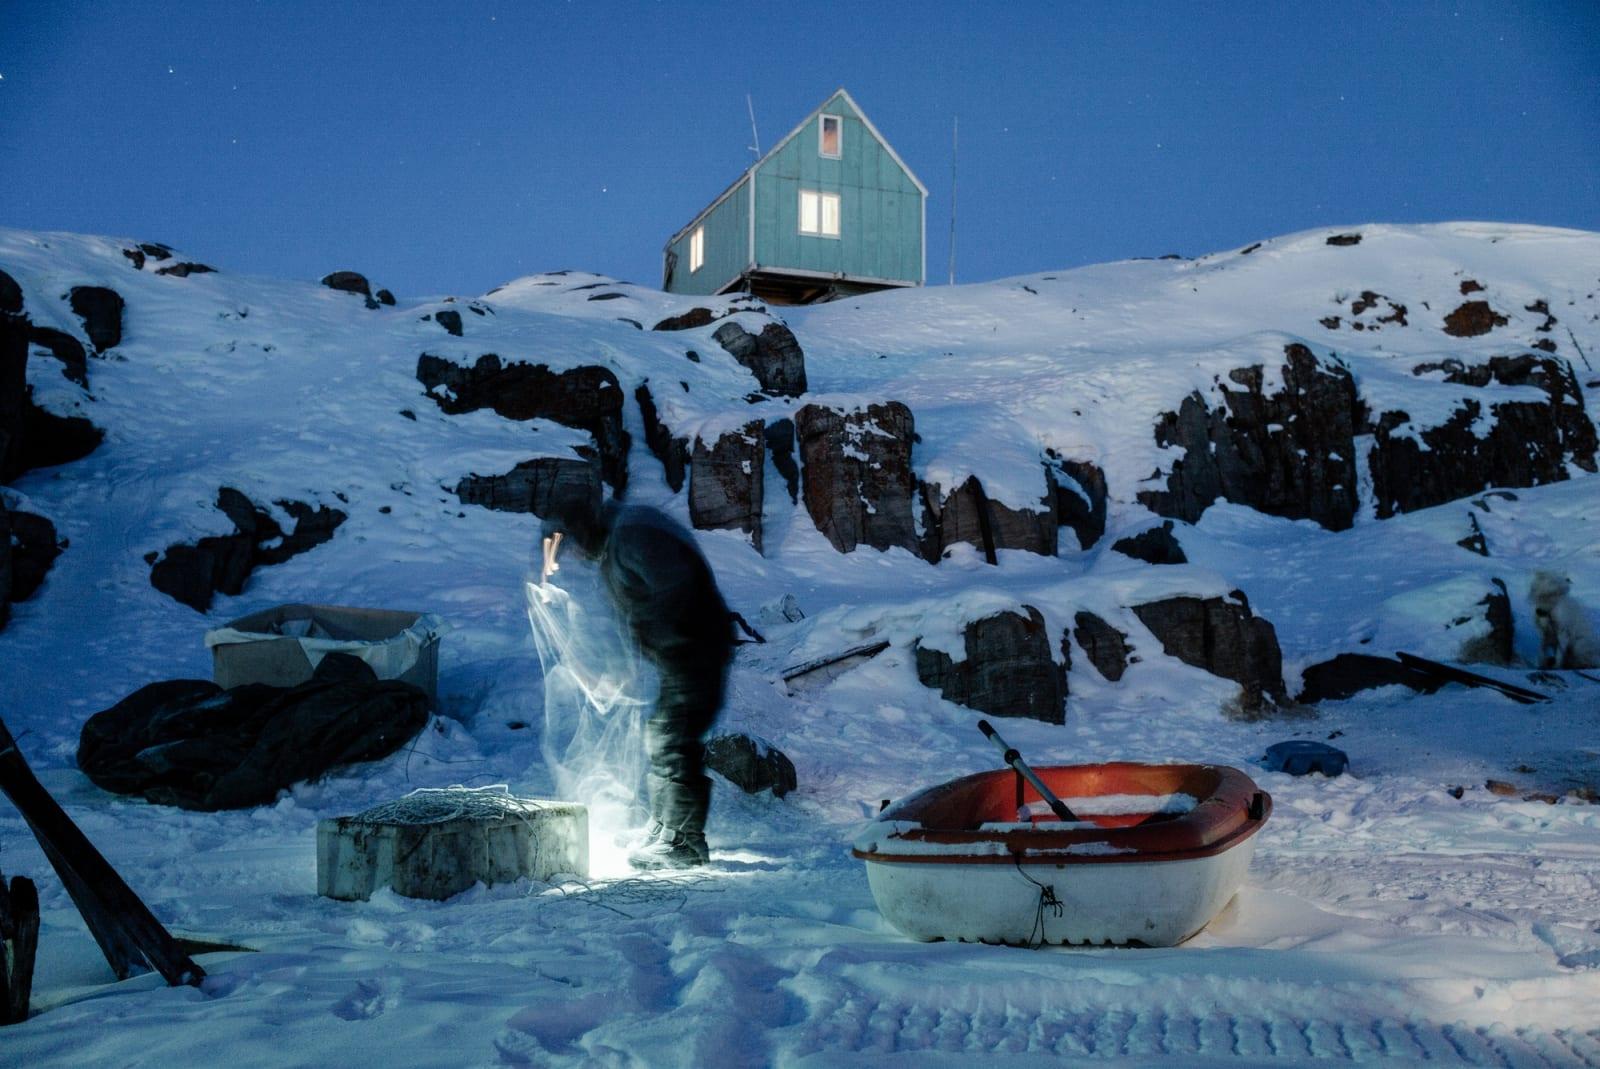 Ciril Jazbec, On Thin Ice #0013, 2014